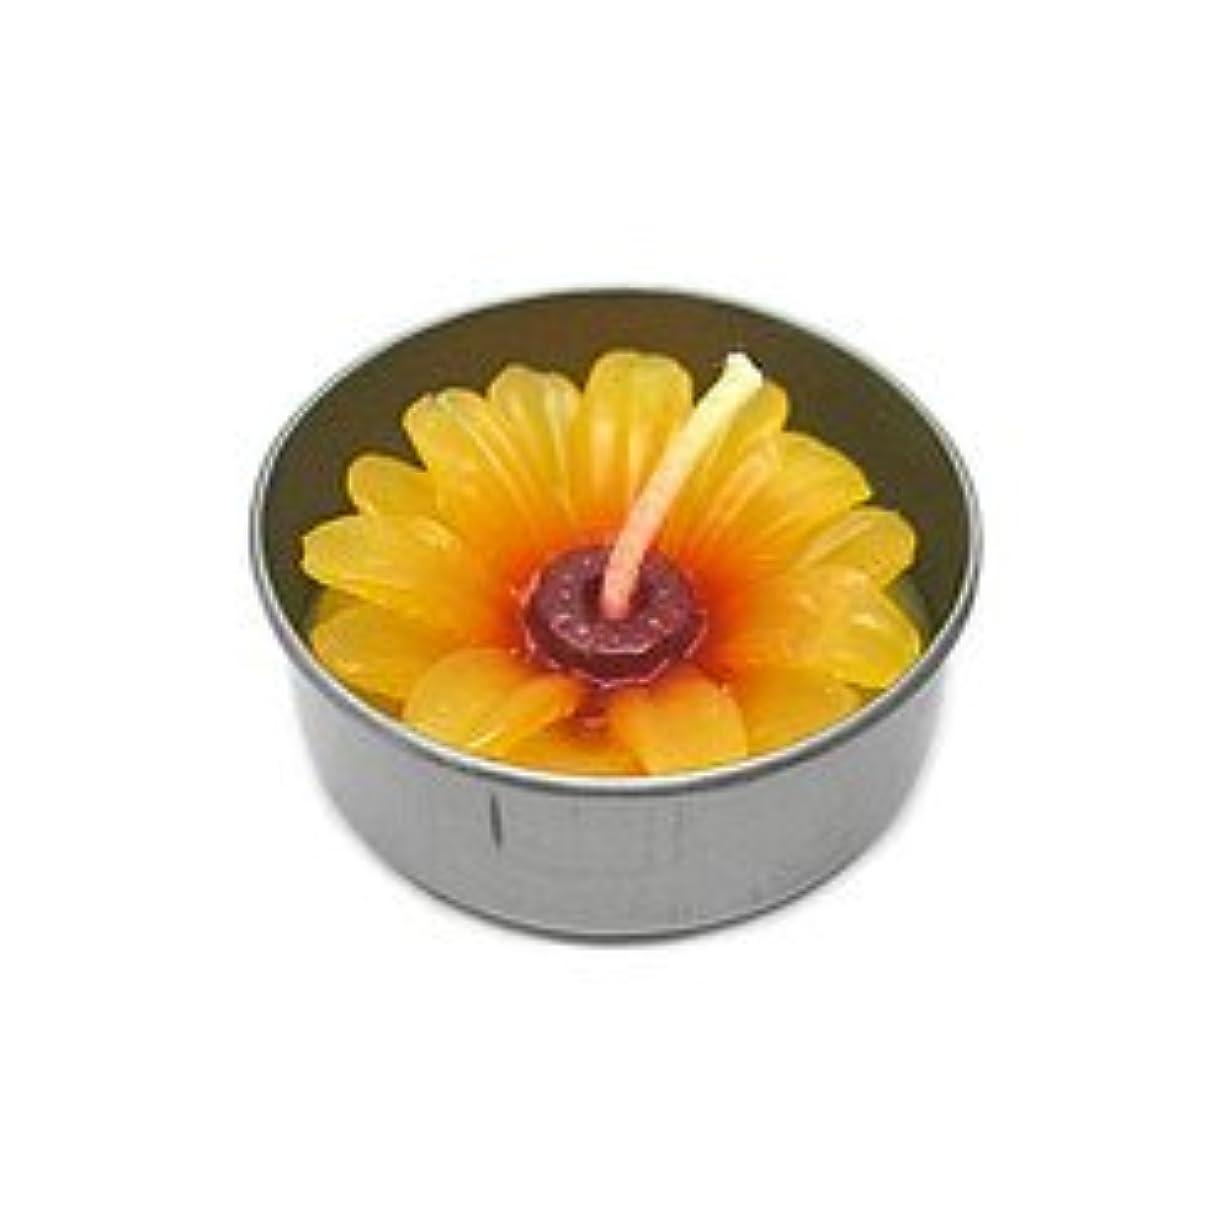 普通に罪人モートアロマキャンドル  ミニ お花 薄オレンジ 鉄の器入り 器直径4cm アジアン雑貨